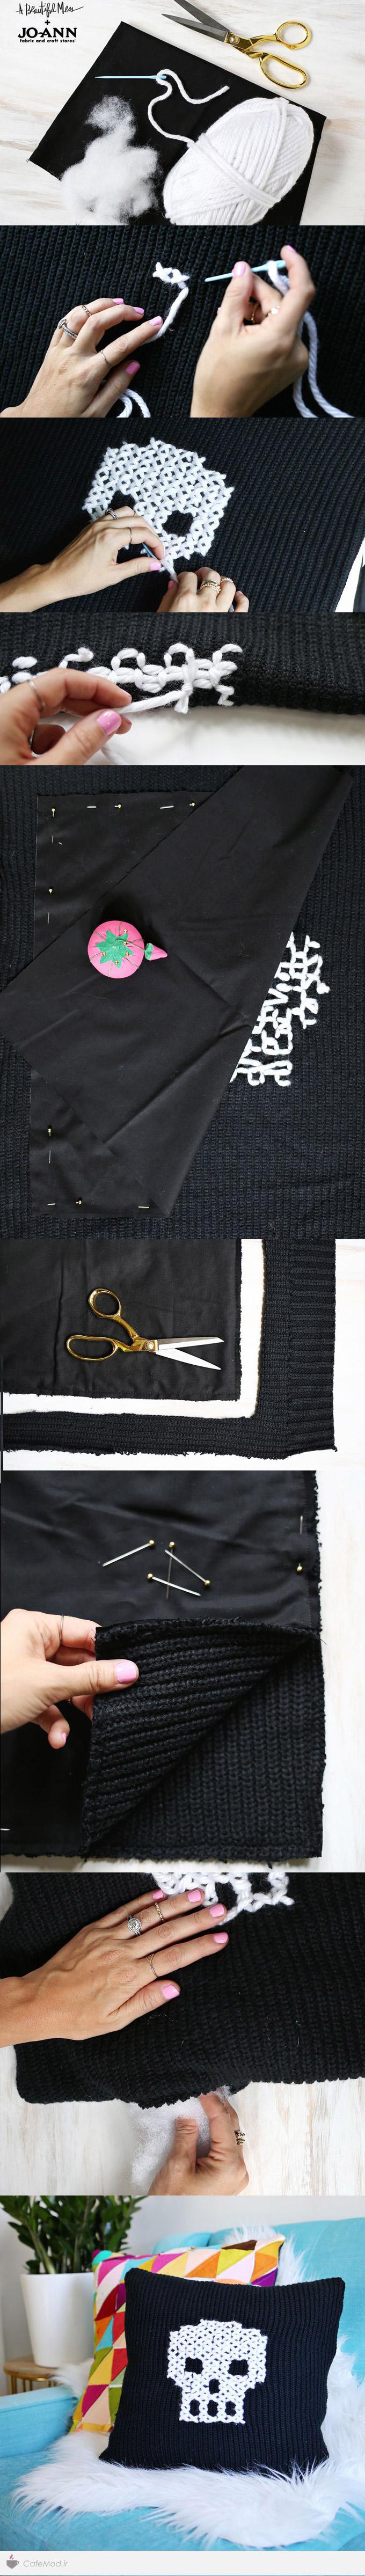 آموزش تصویری دوخت کوسن با لباس های قدیمی